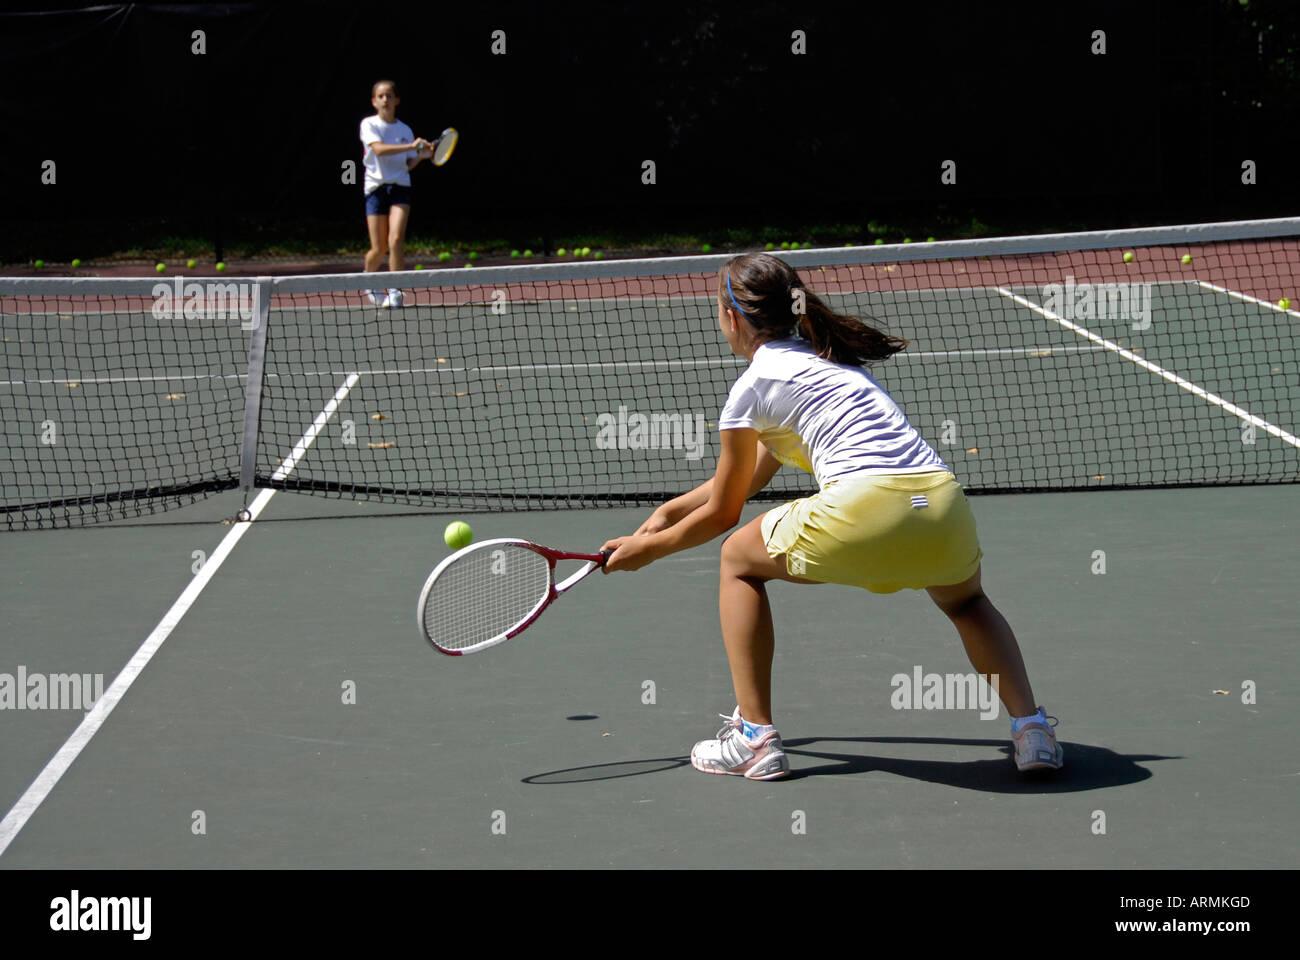 École intermédiaire et à l'âge scolaire Les adolescents prendre leçon de tennis dans l'enrichissement et au développement d'un programme de la ville publique Photo Stock